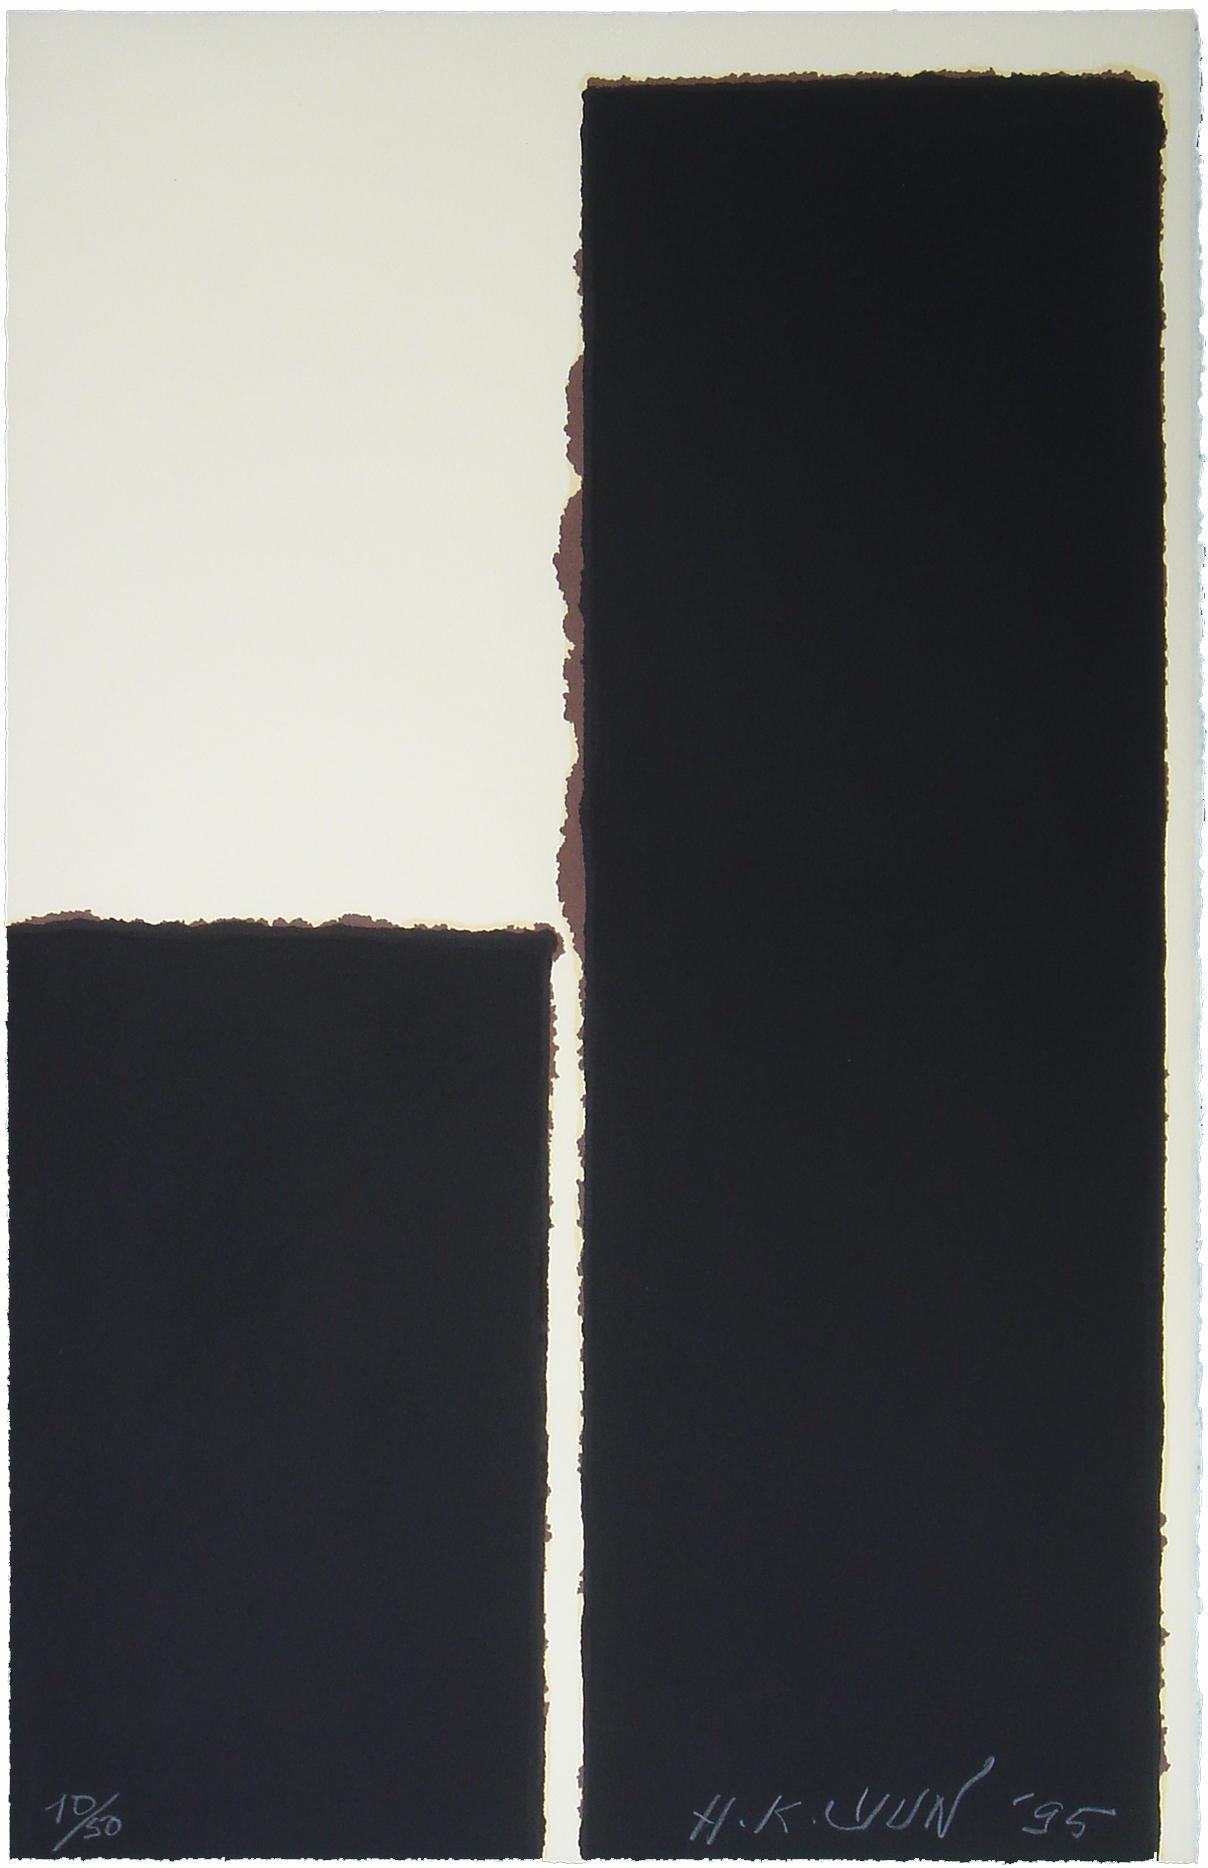 YUN HyongKeun_Burnt Umber_Lithograph_75x49cm_Ed.50_1995_300만원